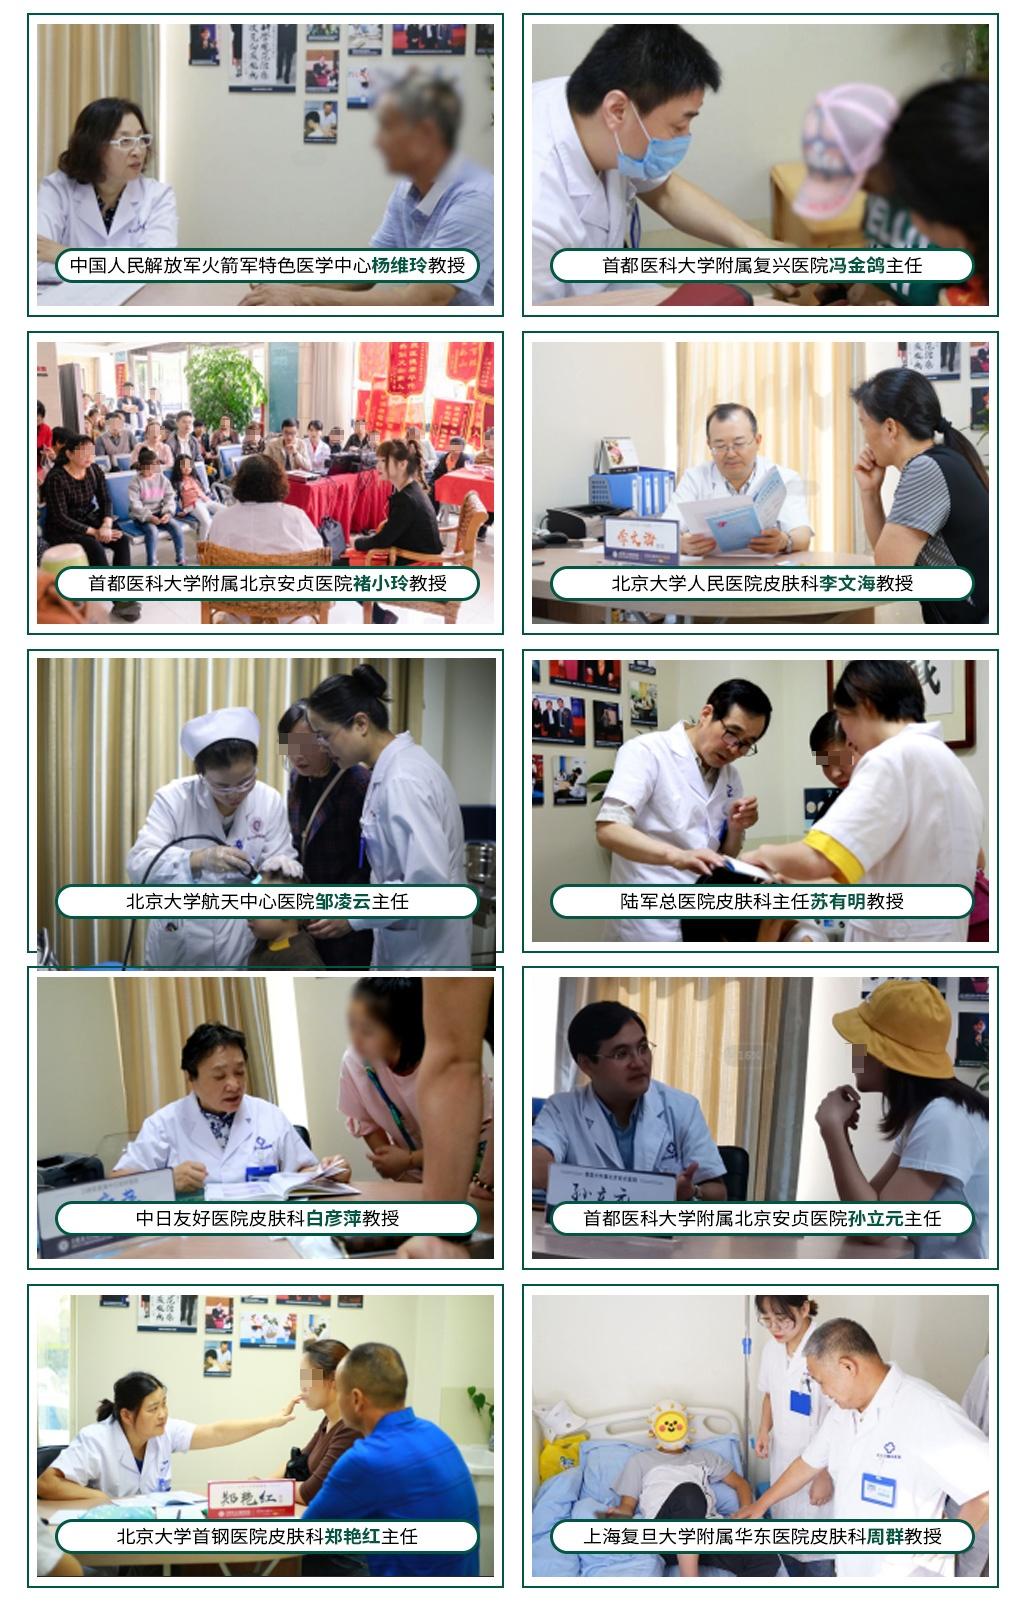 北京专家坐诊图集.jpg